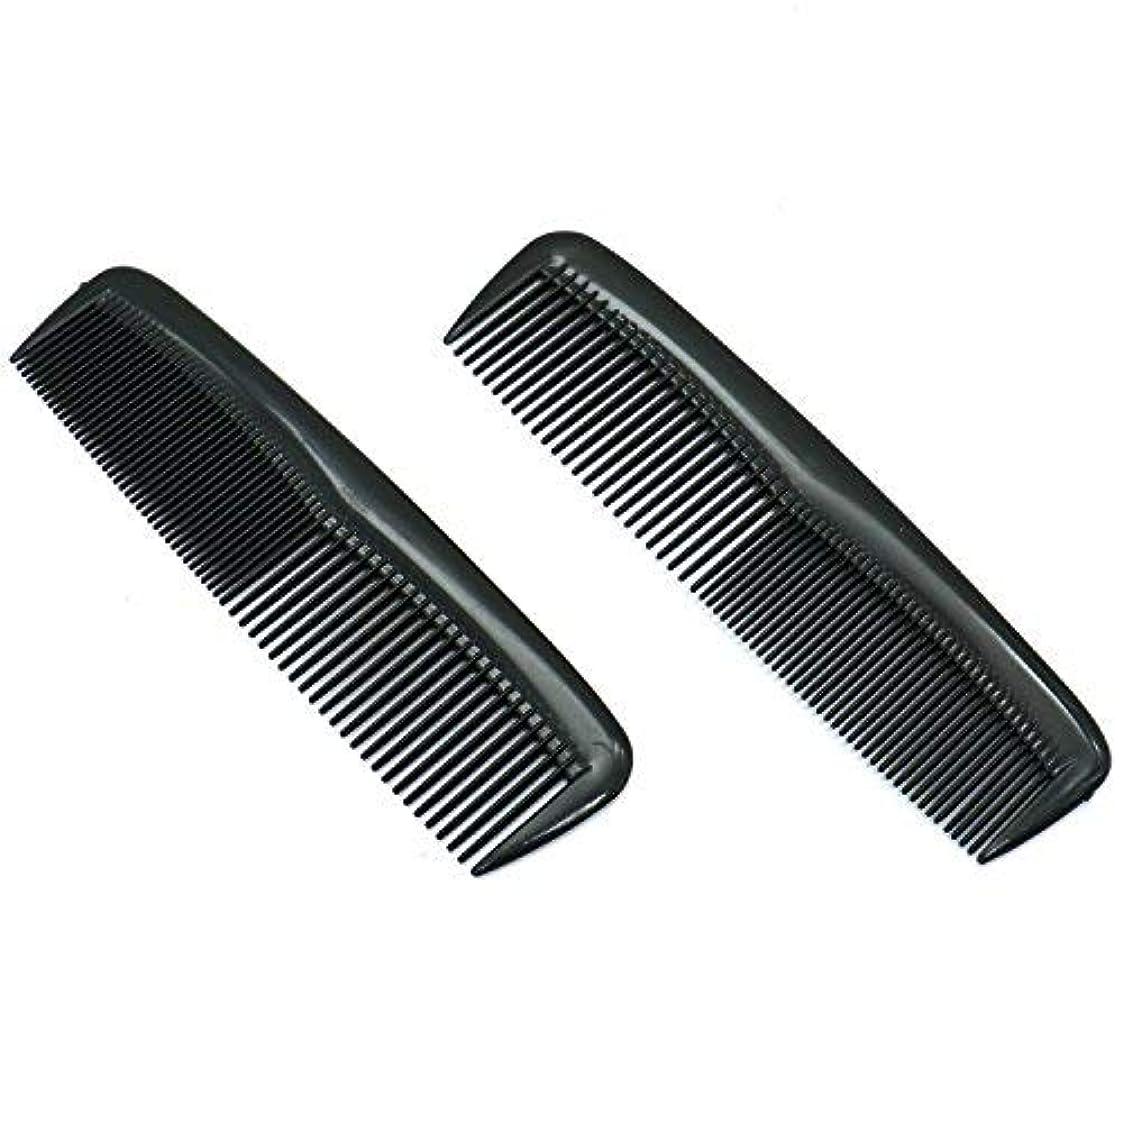 解説サービステキストBuorsa Pack of 12 Quality Pocket Hair Comb Beard & Mustache Combs for Men's Hair Beard Mustache and Sideburns,...